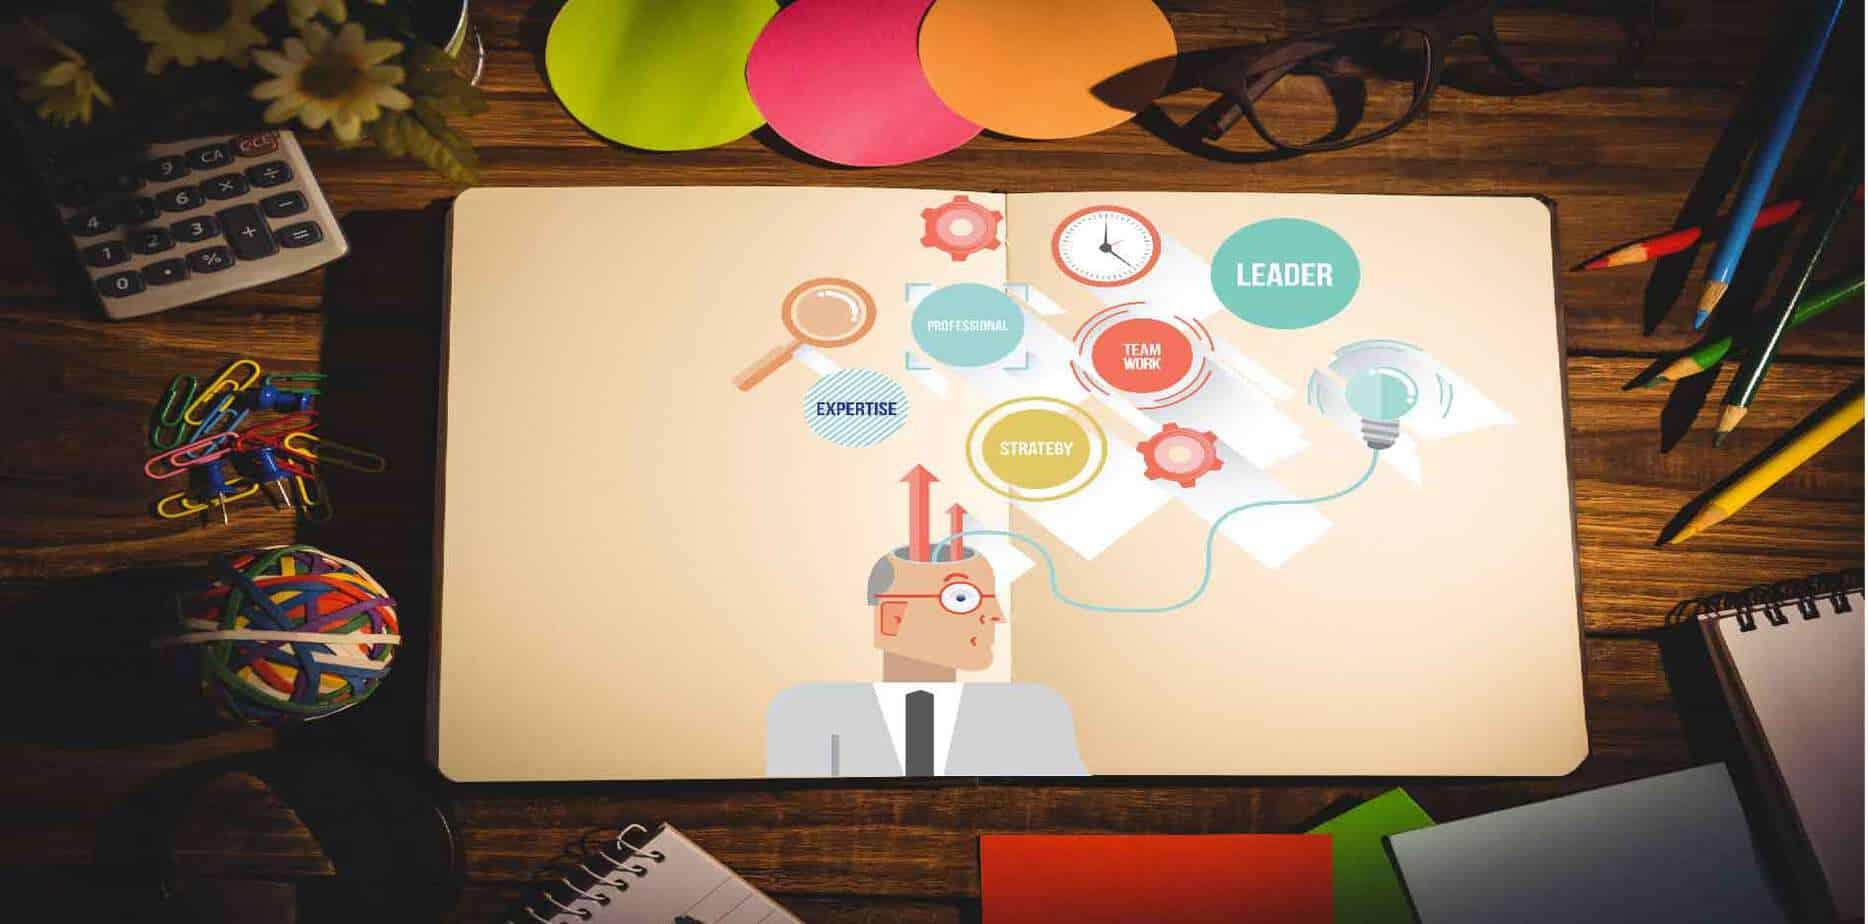 Xây dựng quy trình quản lý doanh nghiệp tự động hóa